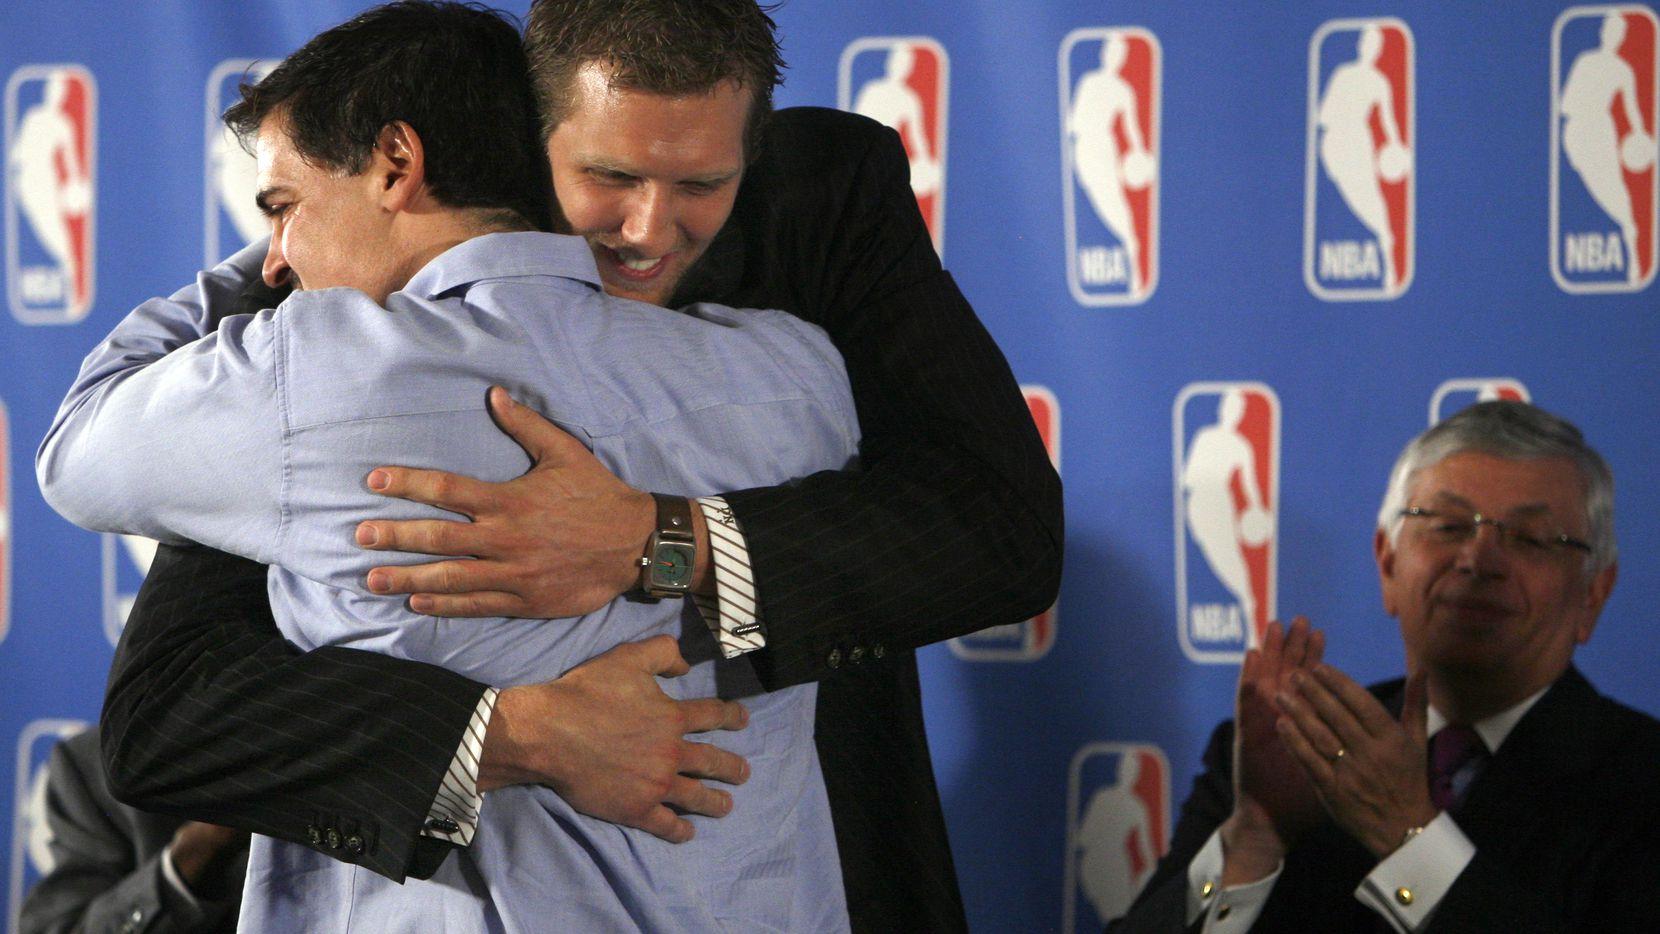 El jugador de los Dallas Mavericks, Dirk Nowitzki, abraza al dueño del equipo Mark Cuban durante la ceremonia en que Nowitzki fue nombrado el Jugador Más Valioso de la NBA, el 15 de mayo de 2007.